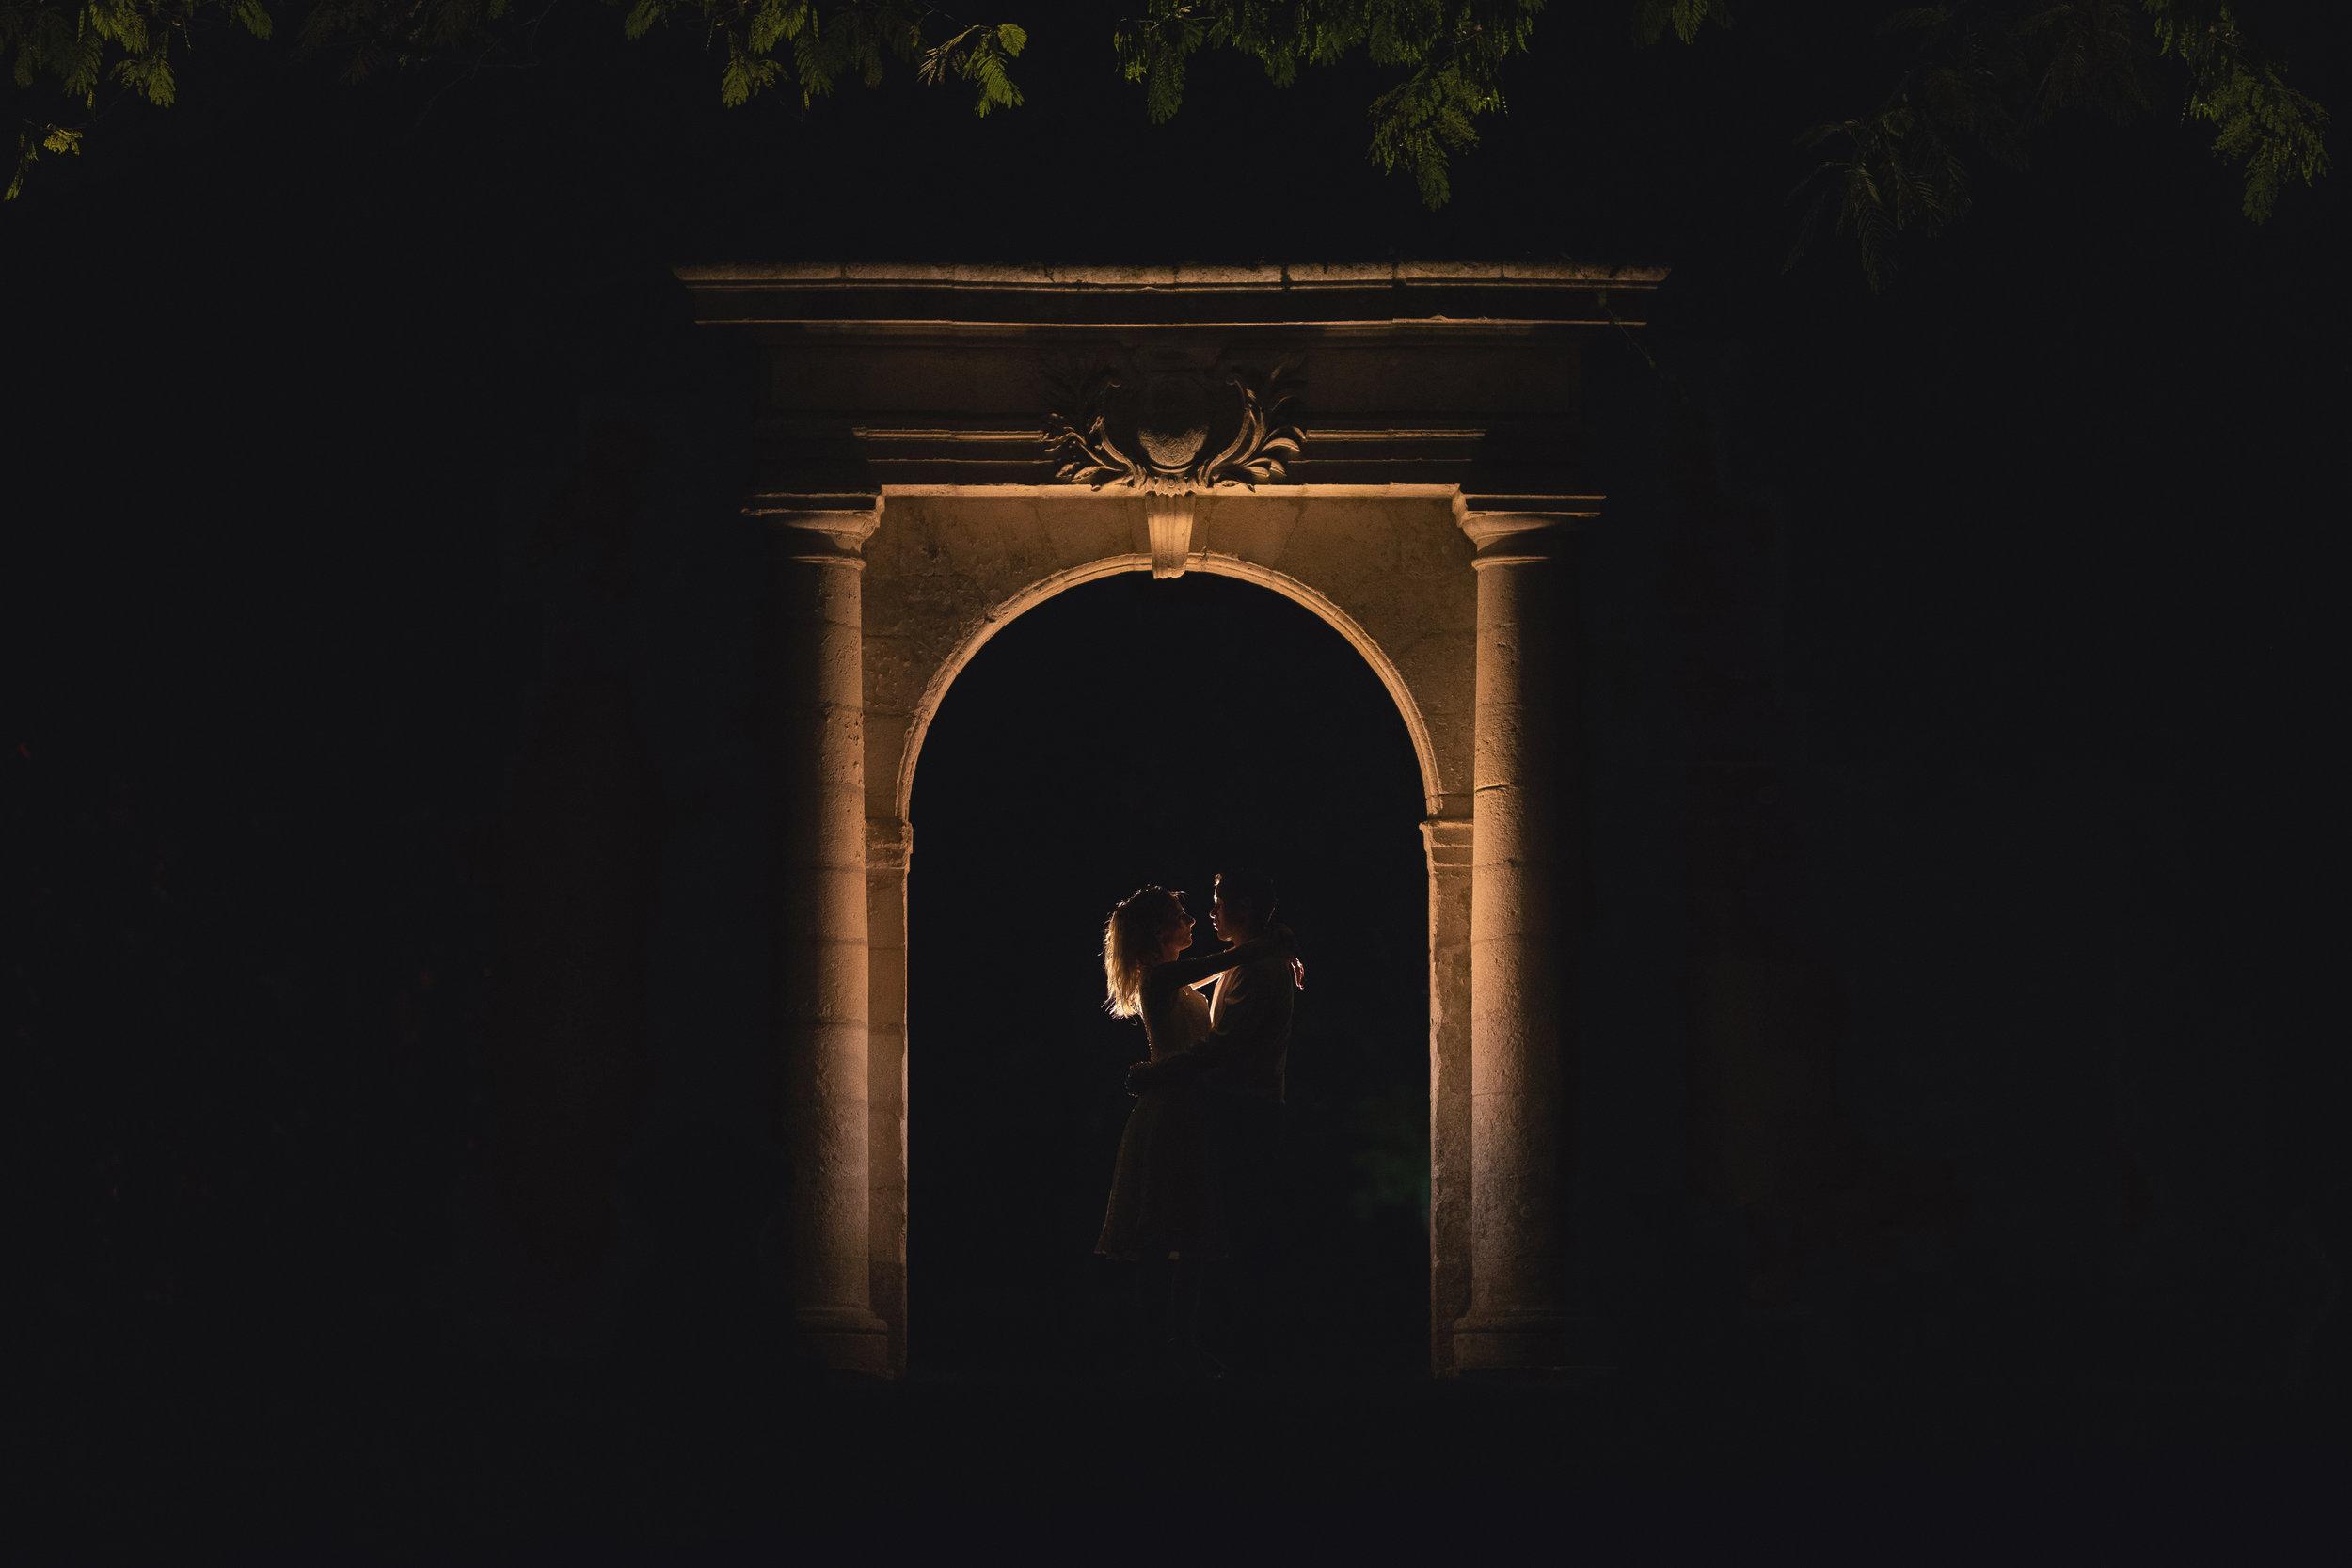 LISA & DENIS - 22 Septembre 2018 - Château de Crazannes   120 invités ❤︎ Cérémonie laïque et réception au Chateau de Crazannes (Charente-Maritime) ❤︎ Traiteur Le Vieux Logis ❤︎ Soleil et douceur ❤︎ Le photographe a aimé : la fresque réalisée par 3 dessinateurs de BD ❤︎